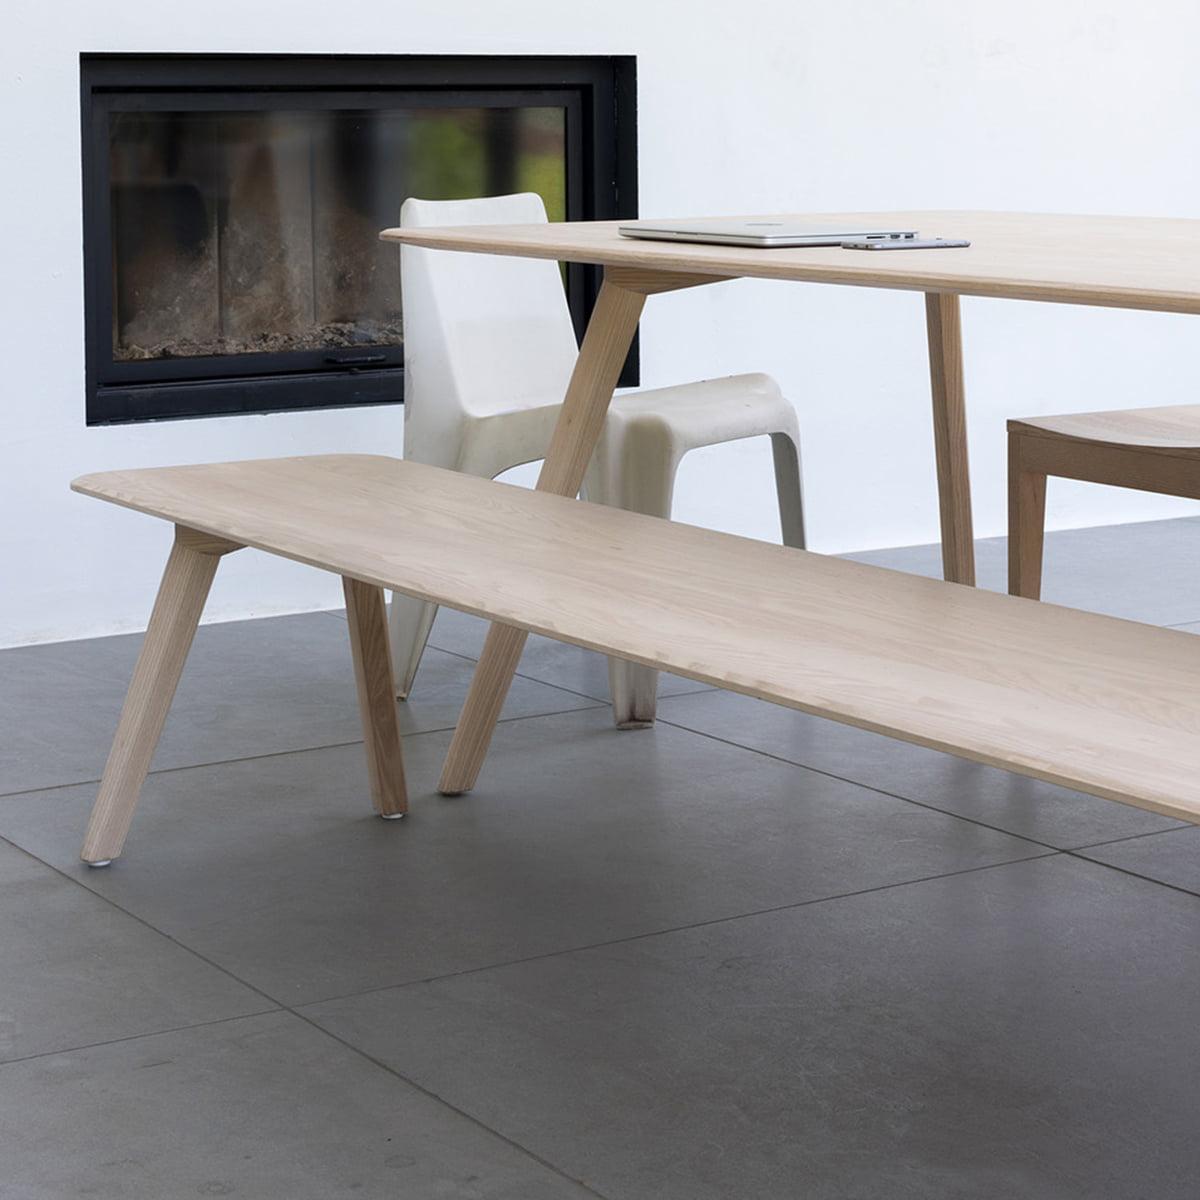 meyer tisch von objekte unserer tage. Black Bedroom Furniture Sets. Home Design Ideas